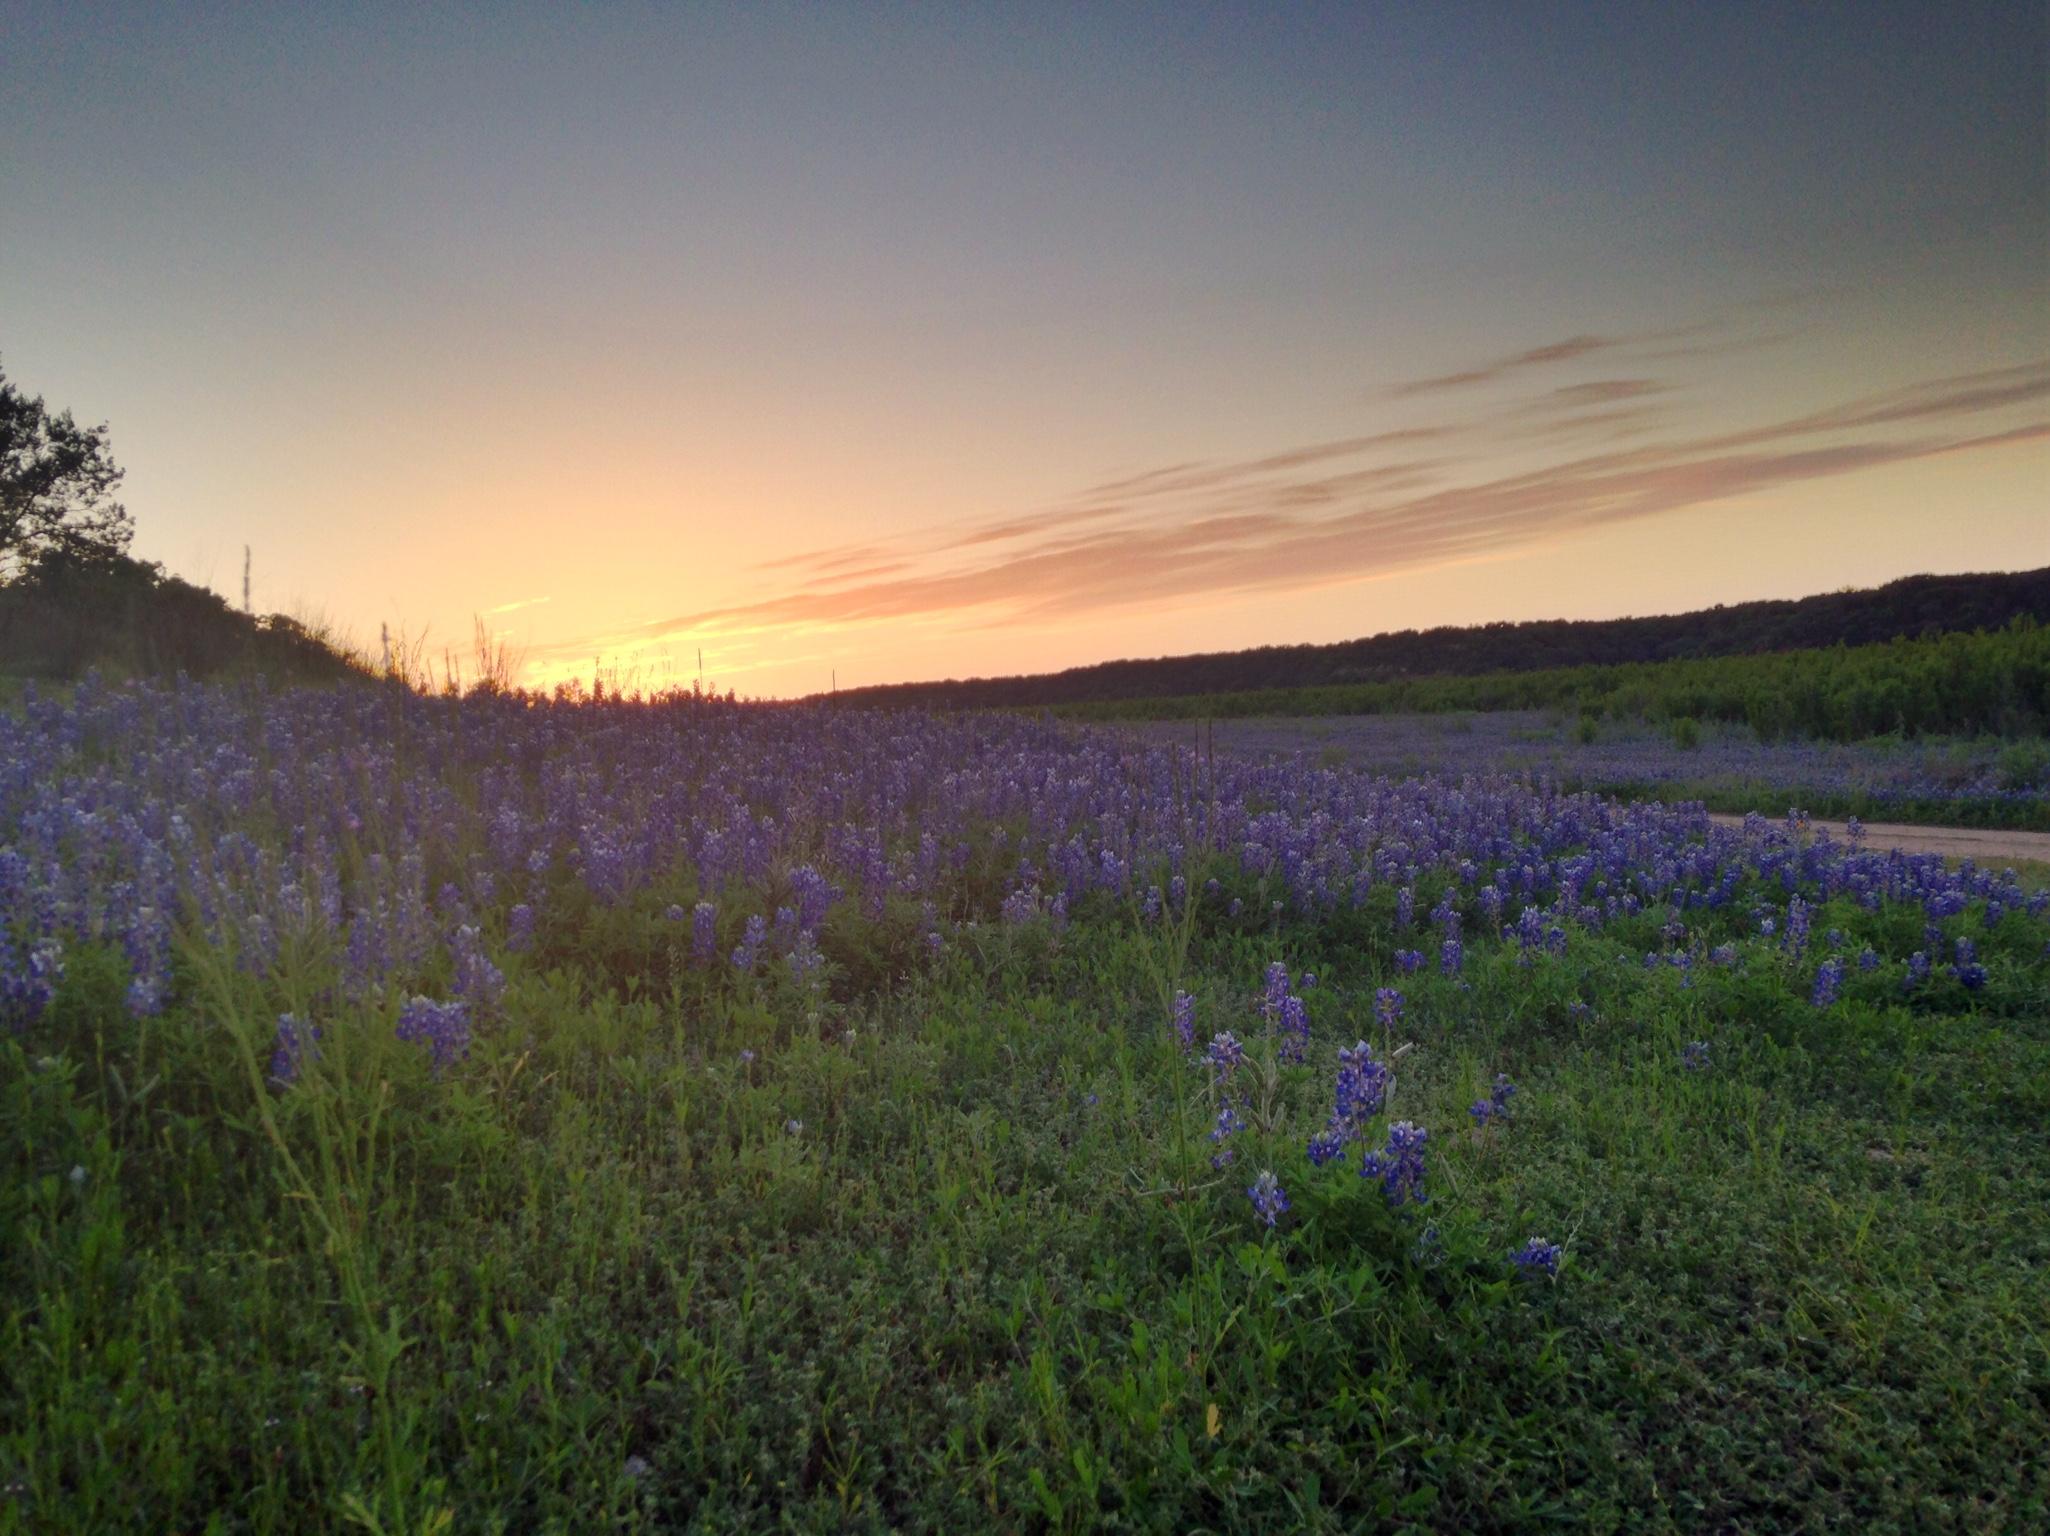 #My Photography | Spicewood, Texas